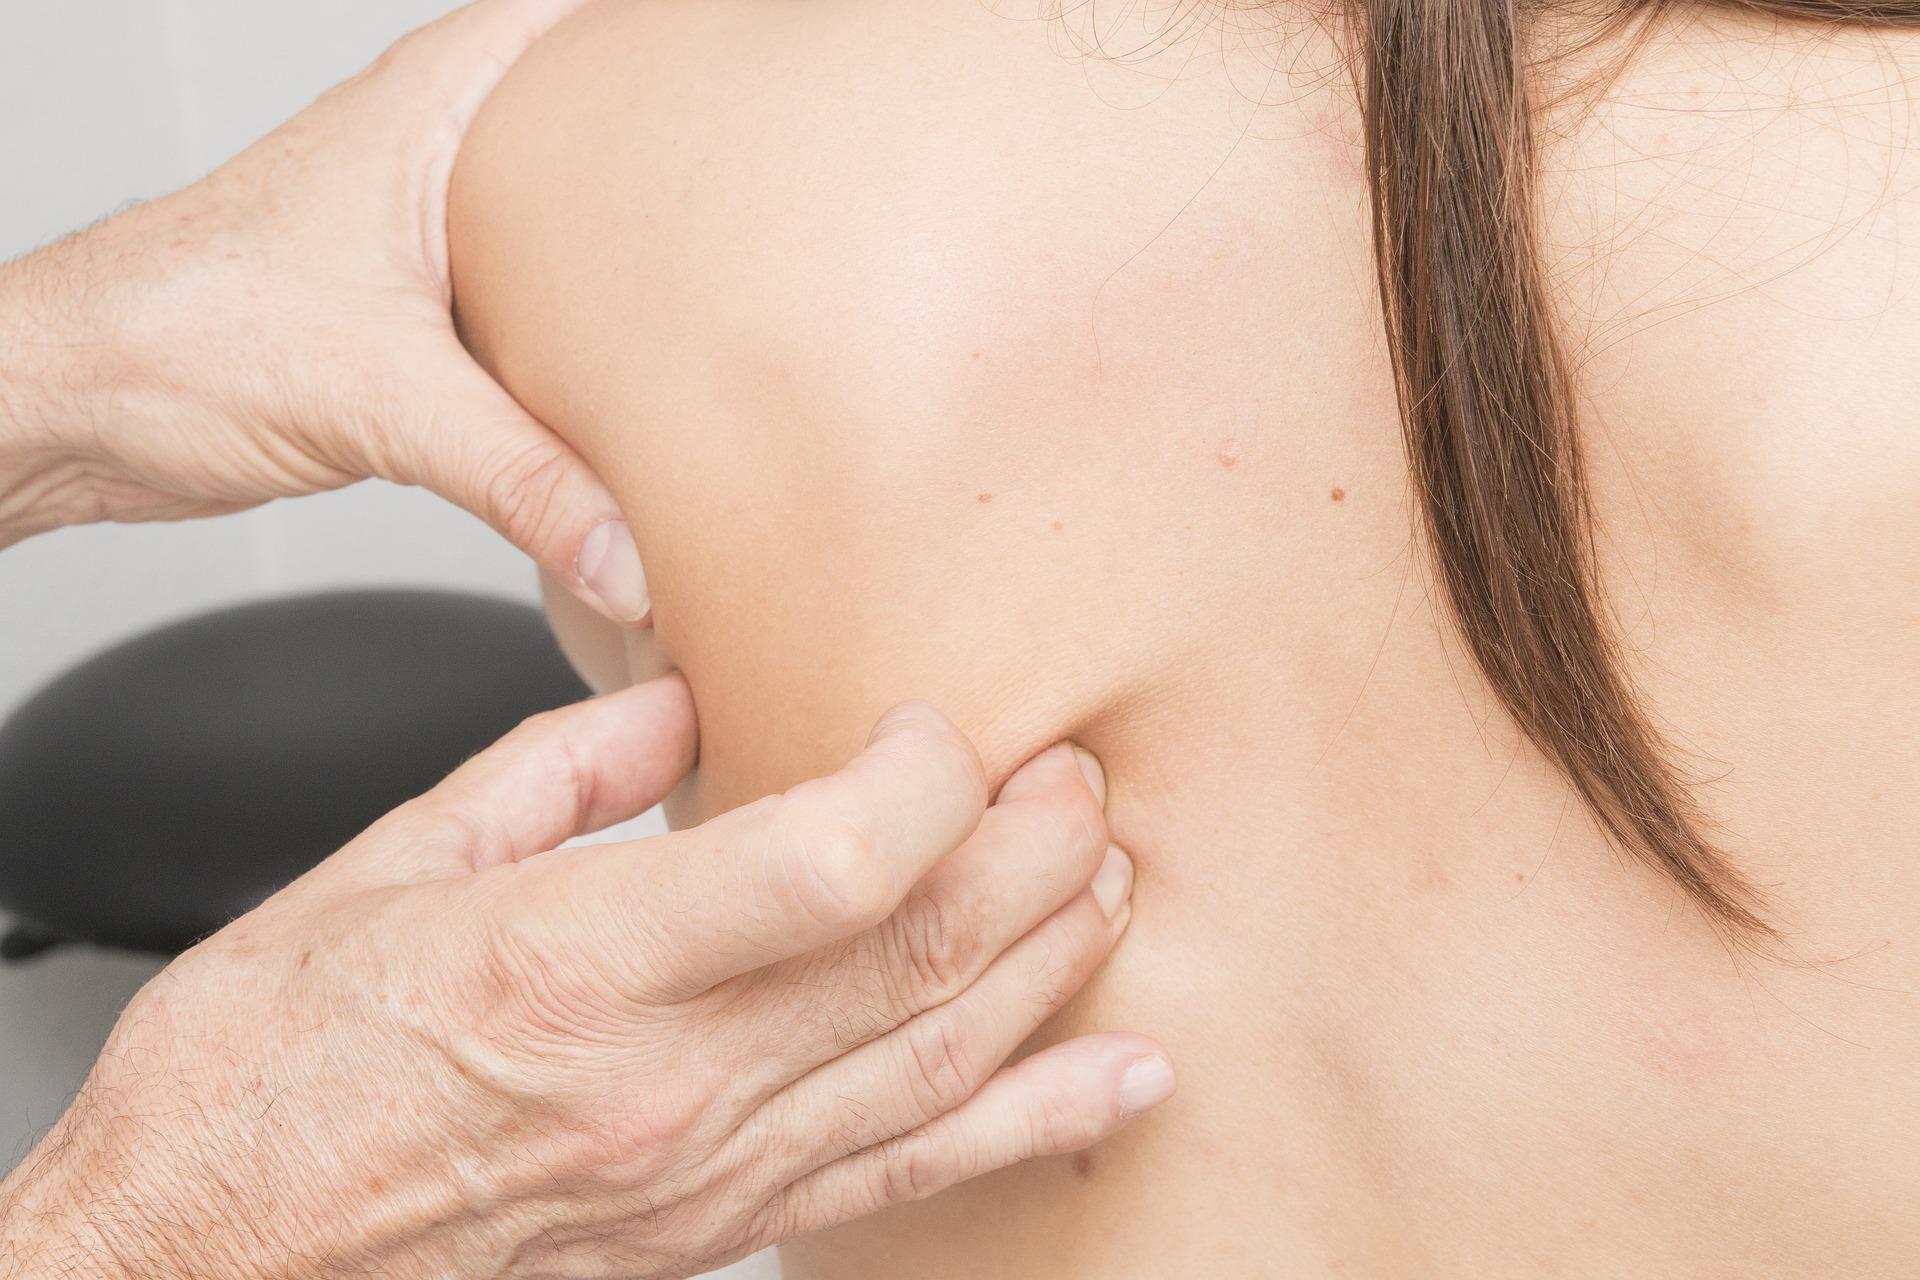 Ostre i przewlekłe bóle kręgosłupa i kończyn